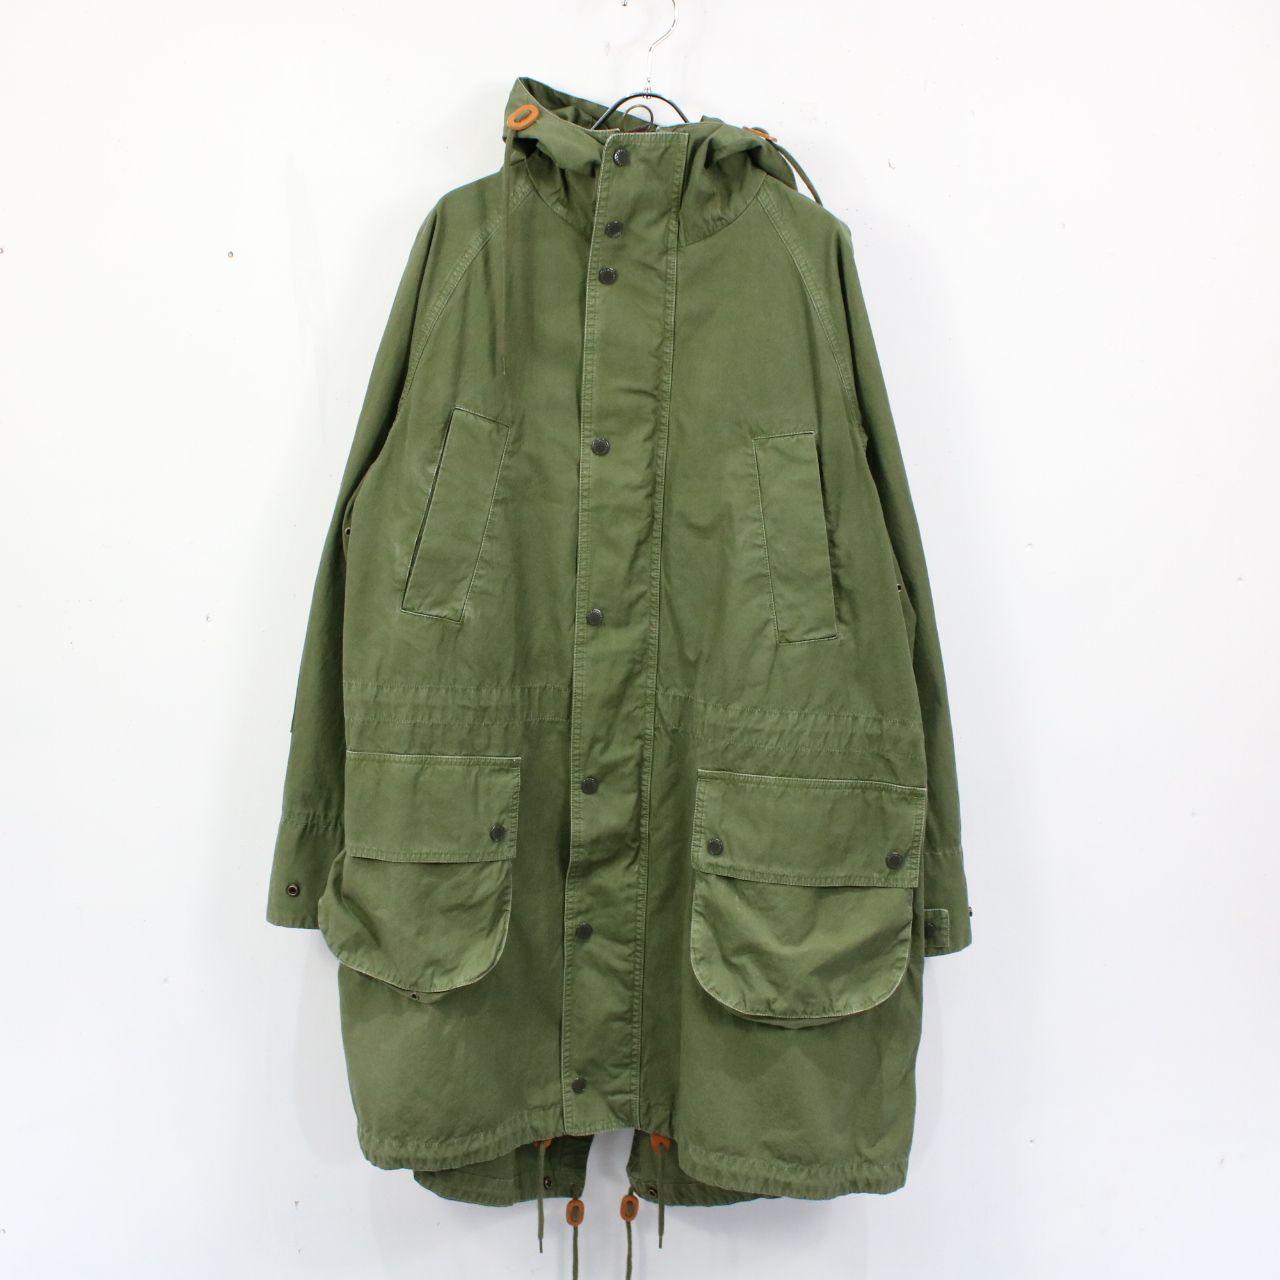 Engineered Garments / エンジニアドガーメンツ | Barbourコラボ washed highland parka  フィッシュテールパーカー | S | オリーブ | メンズ